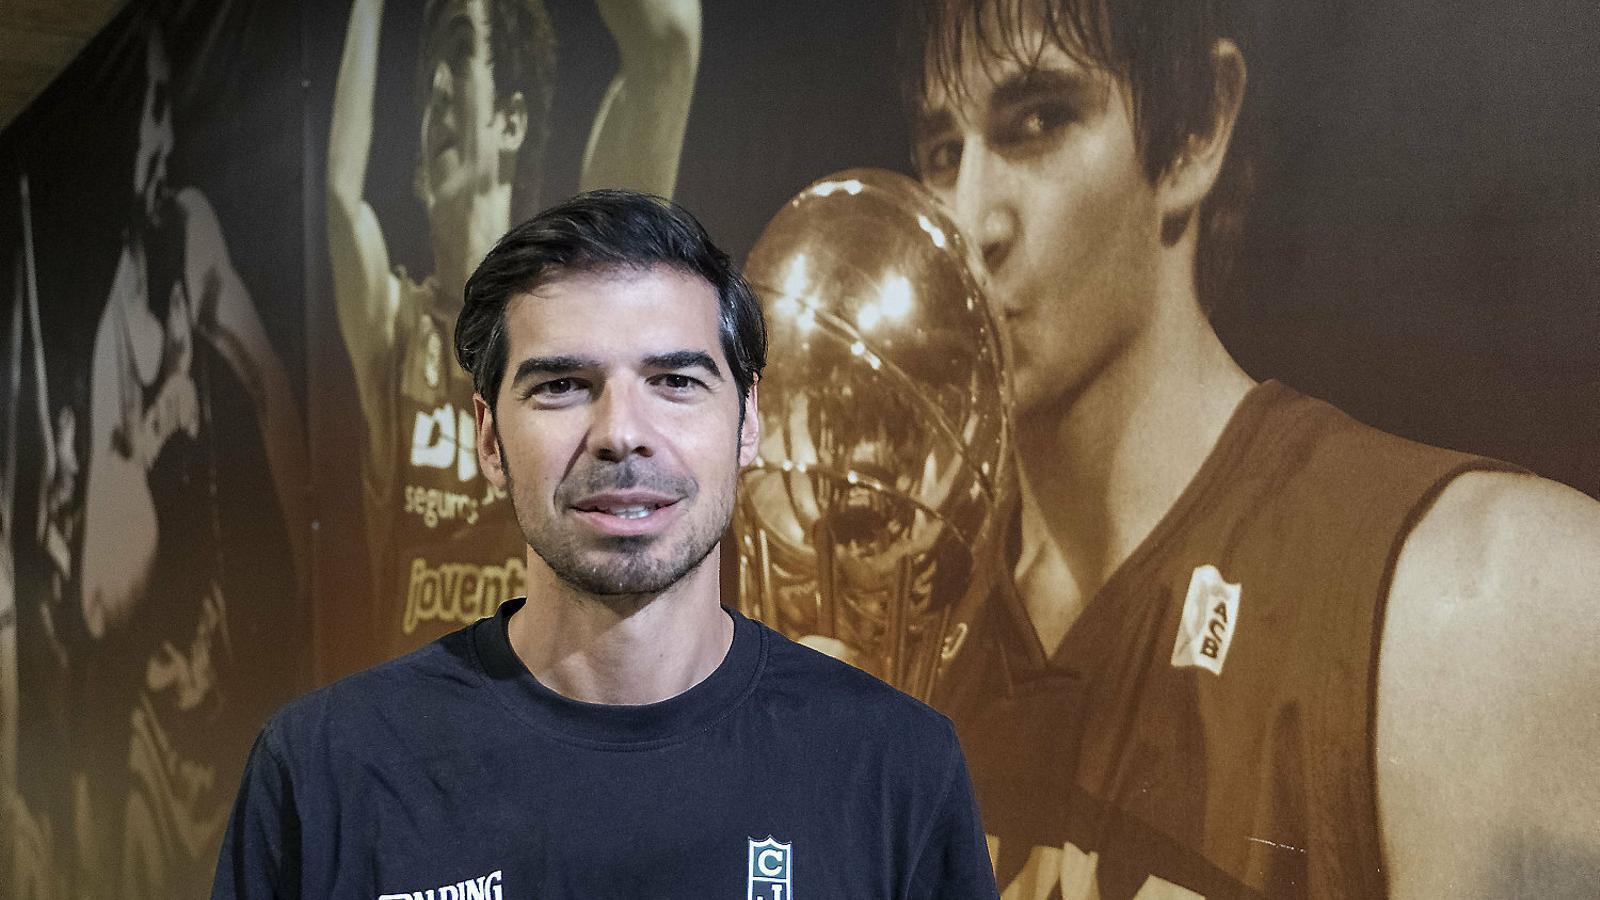 Marc Calderon al costat d'una fotografia de Ricky Rubio.